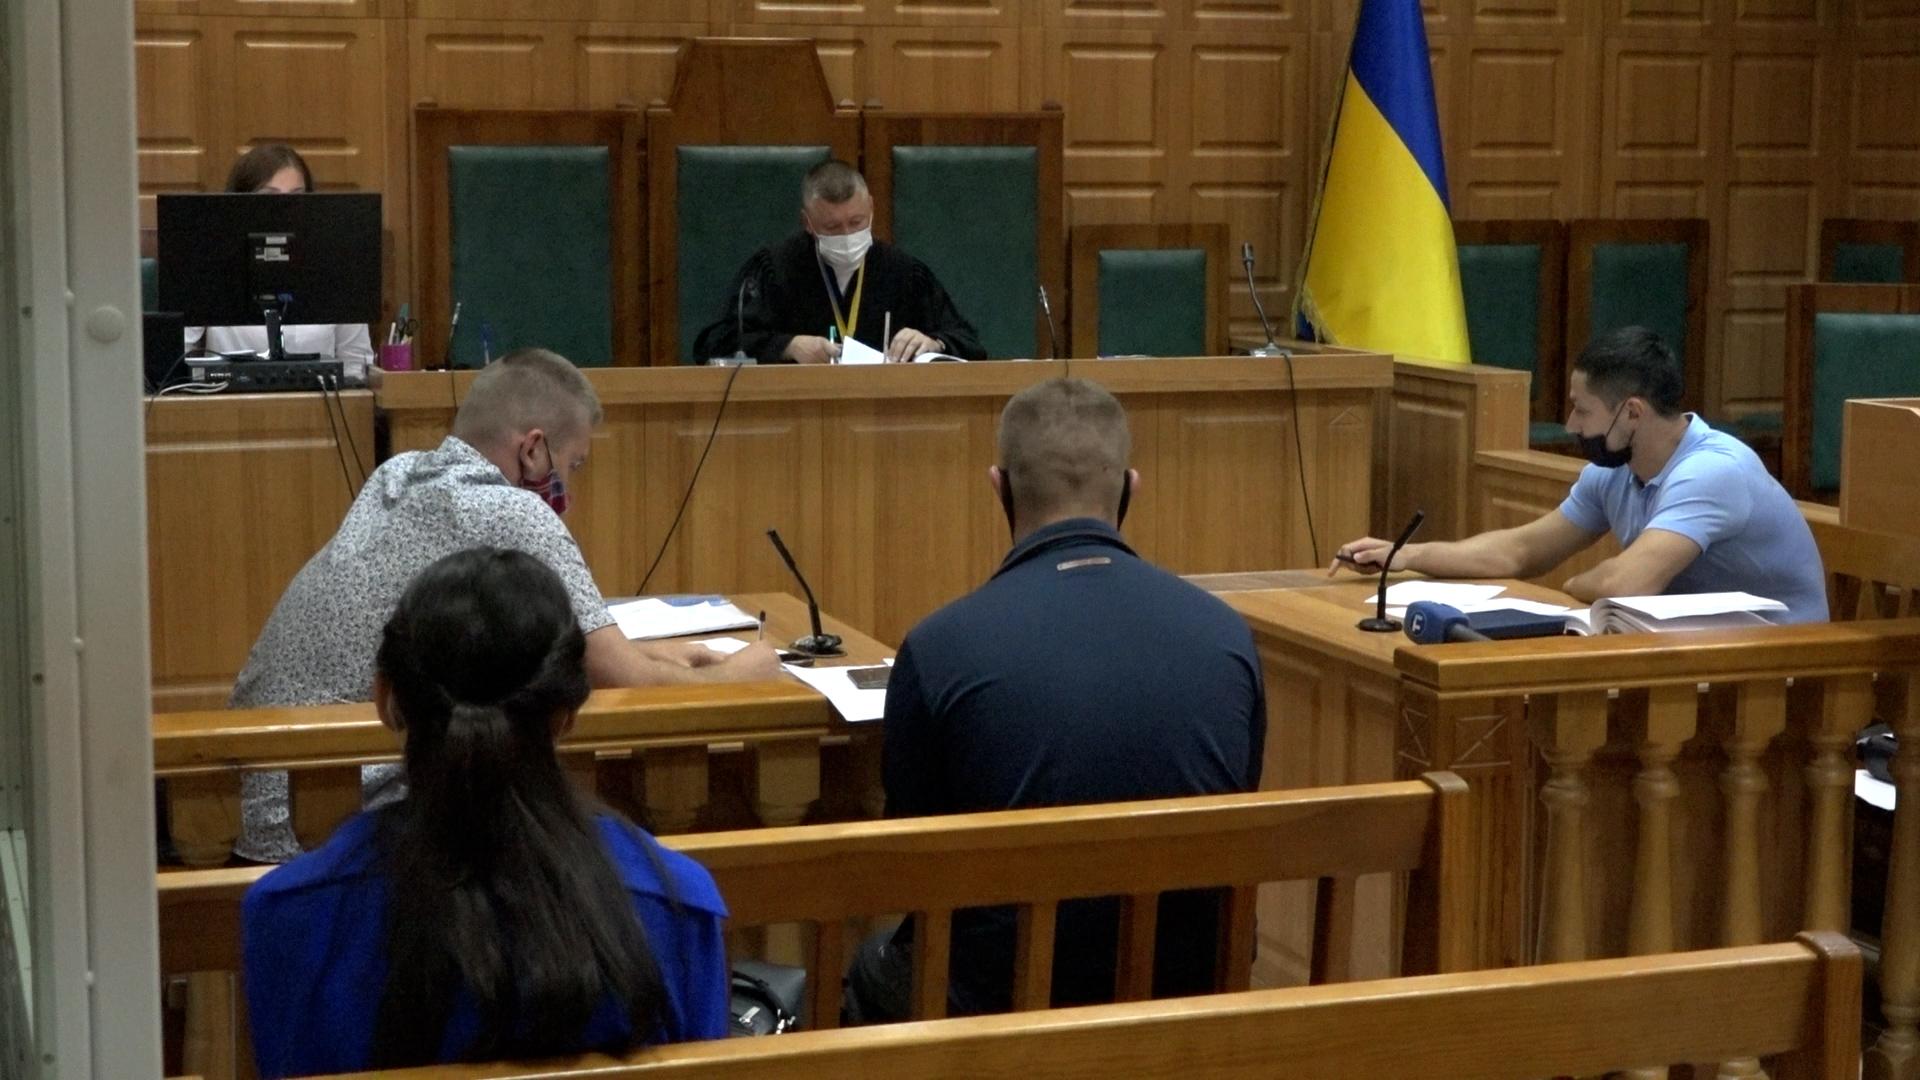 Триває судовий процес щодо водія, який п'яним збив хлопця на проспекті Злуки у Тернополі